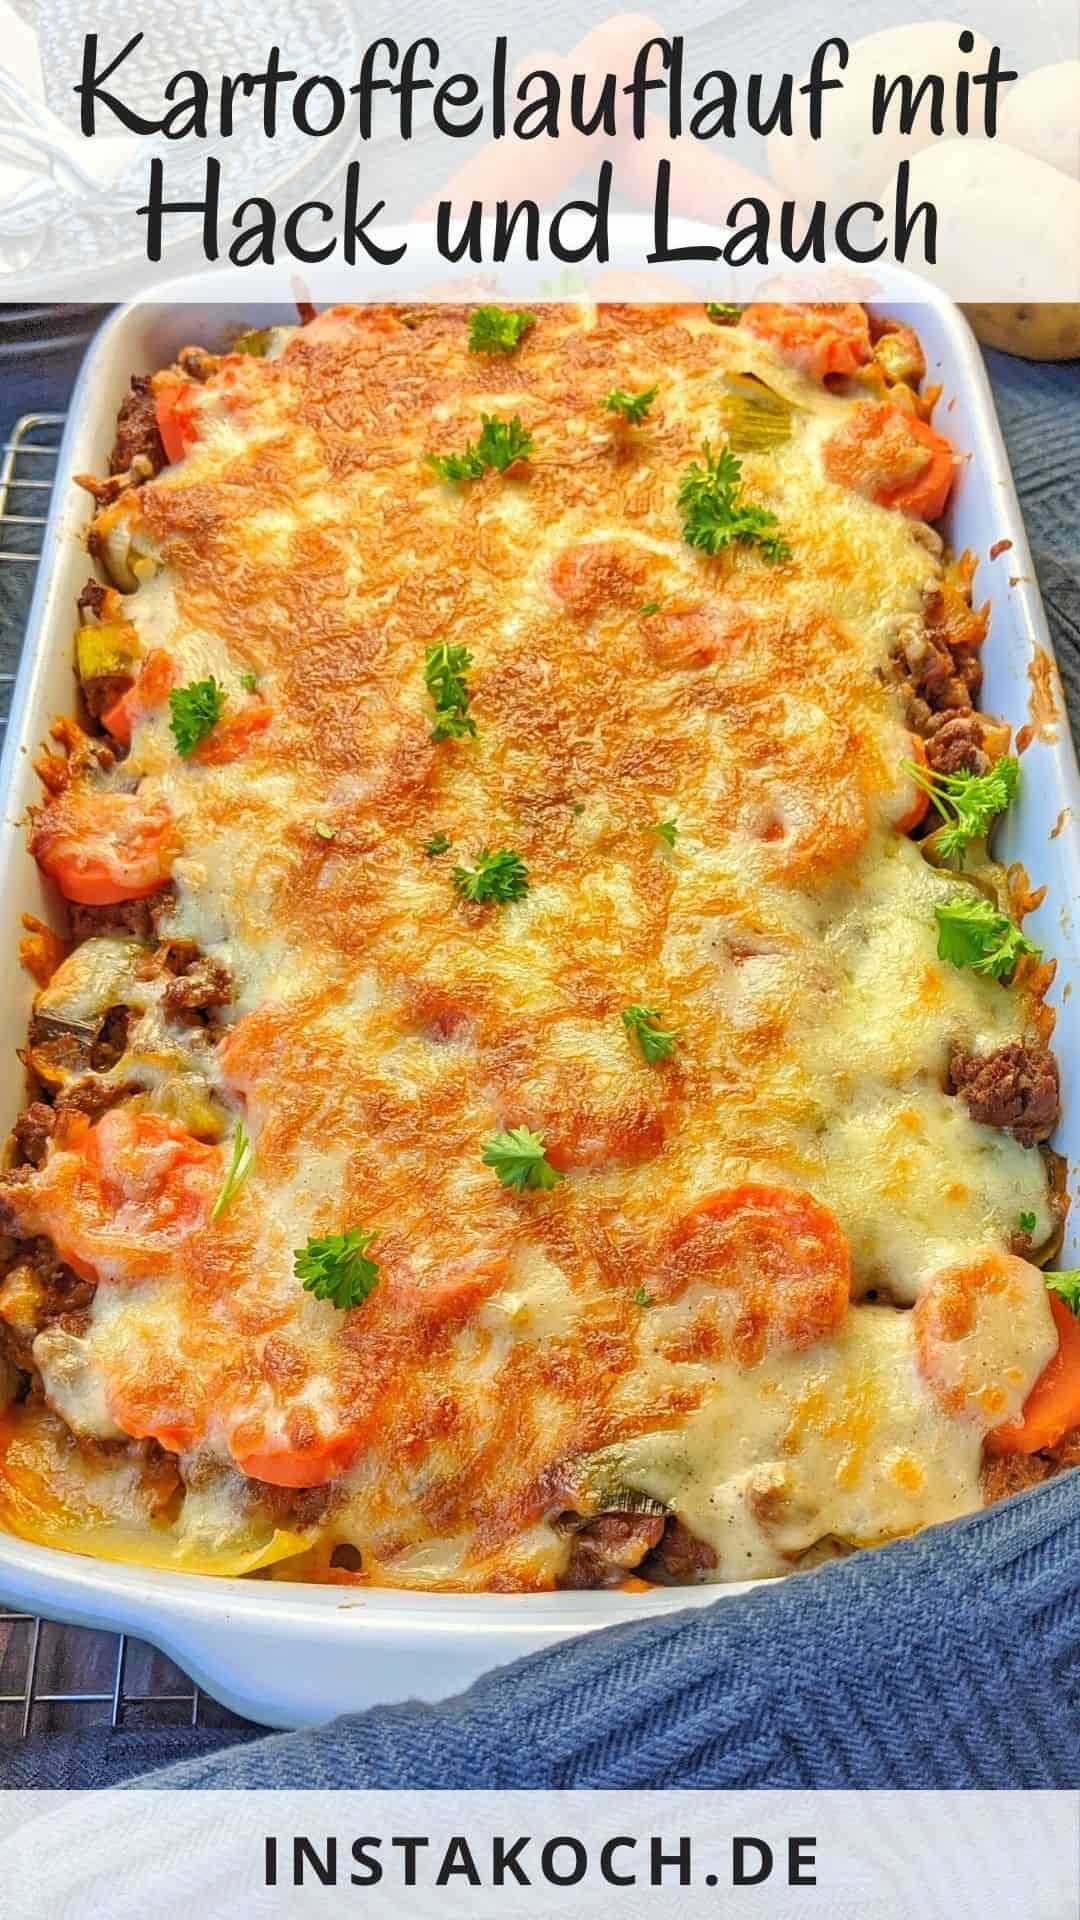 Eine rechteckige weisse Auflaufform mit dem fertigen Gericht. Dahinter Teller, Besteck und Gemüse als Deko.